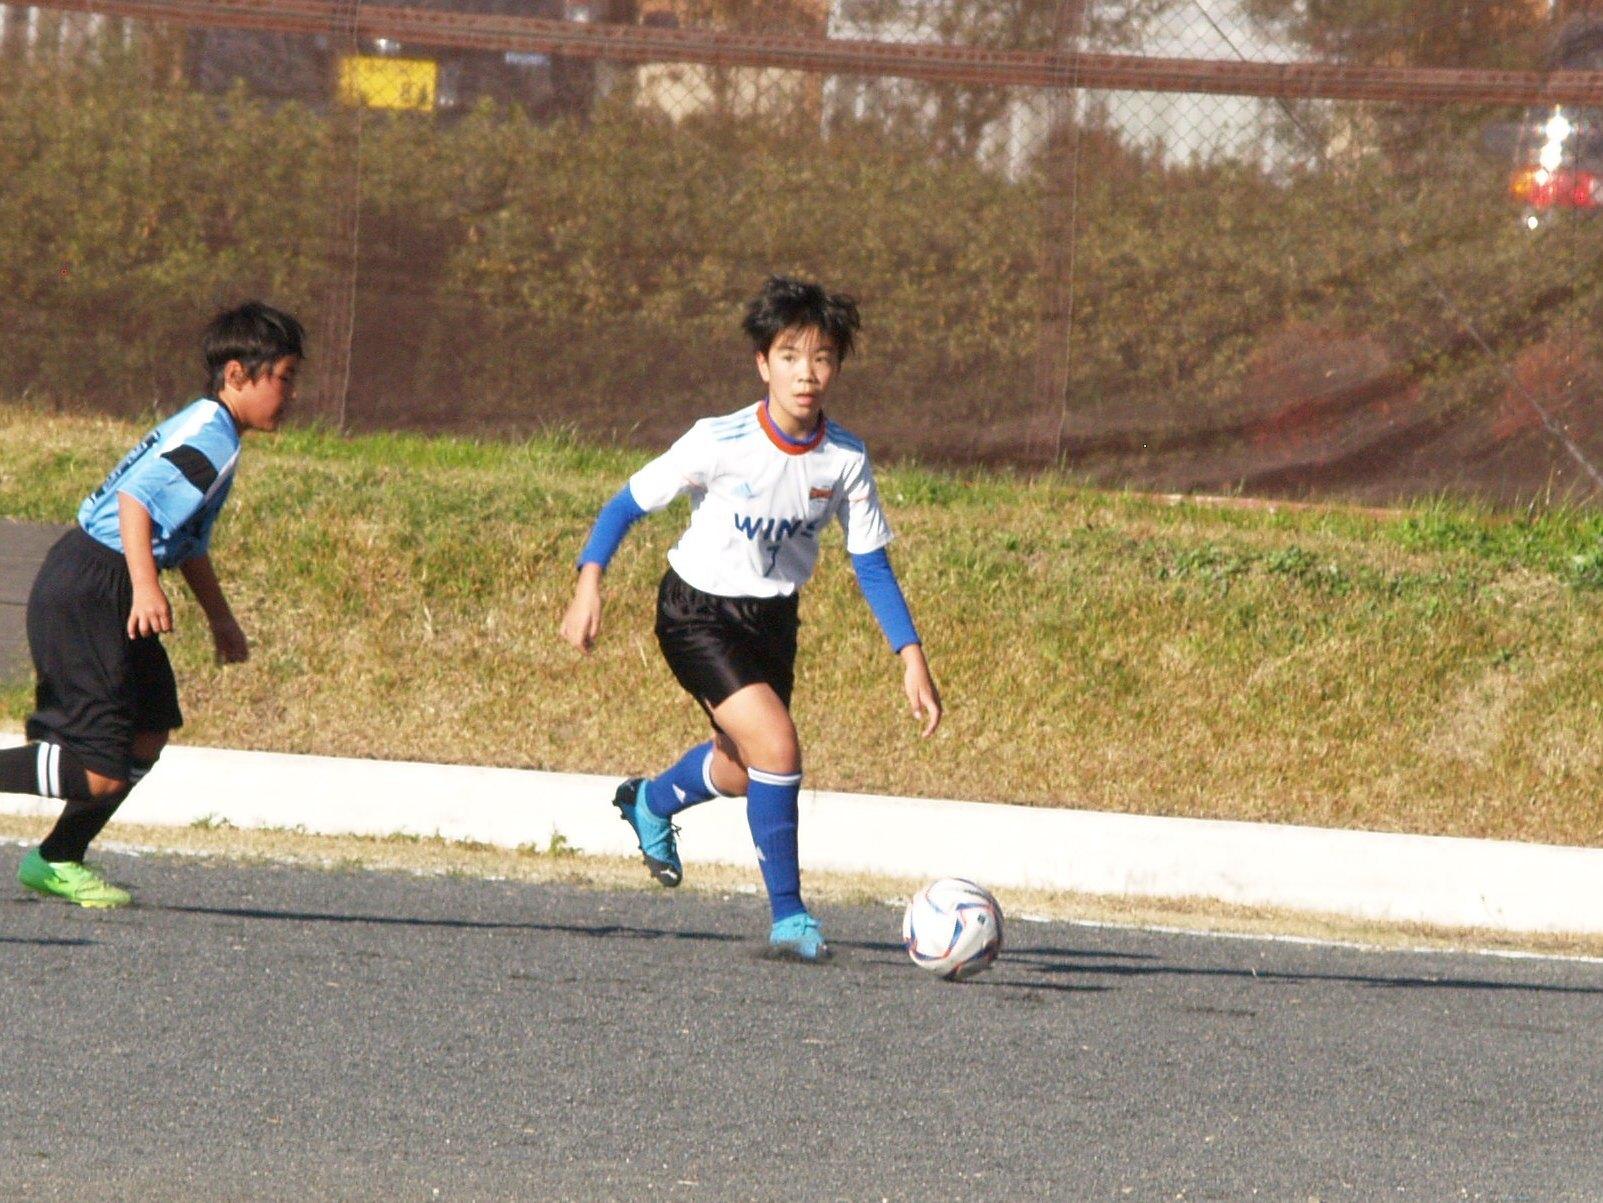 YGL(横浜ガールズリーグ) U-12_f0375011_00085388.jpg